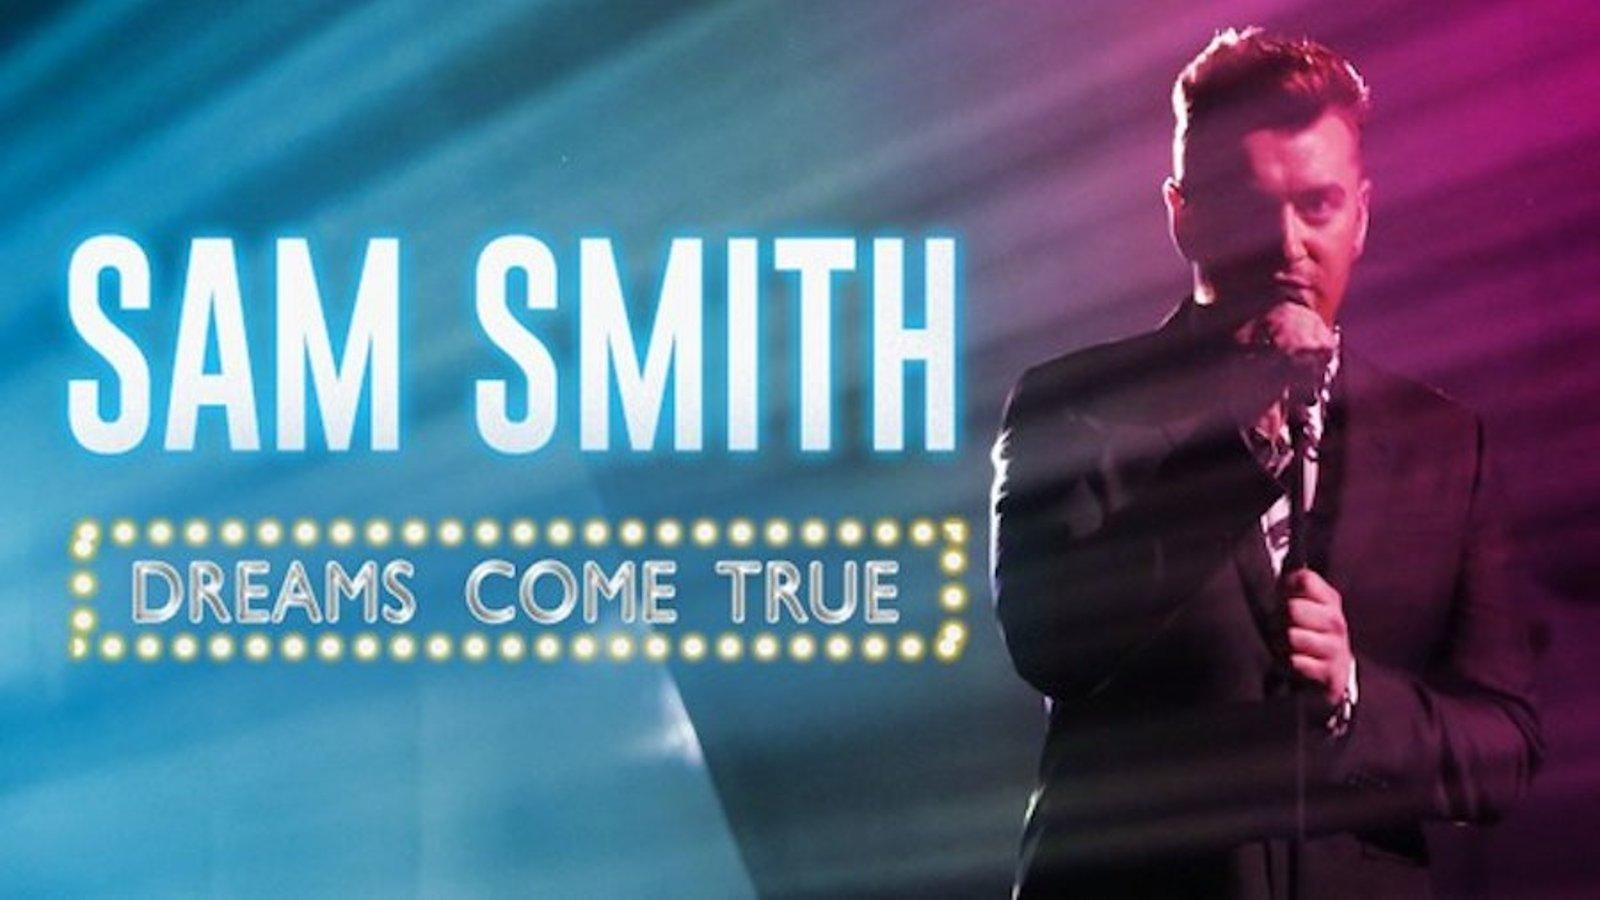 Sam Smith - Dreams Come True